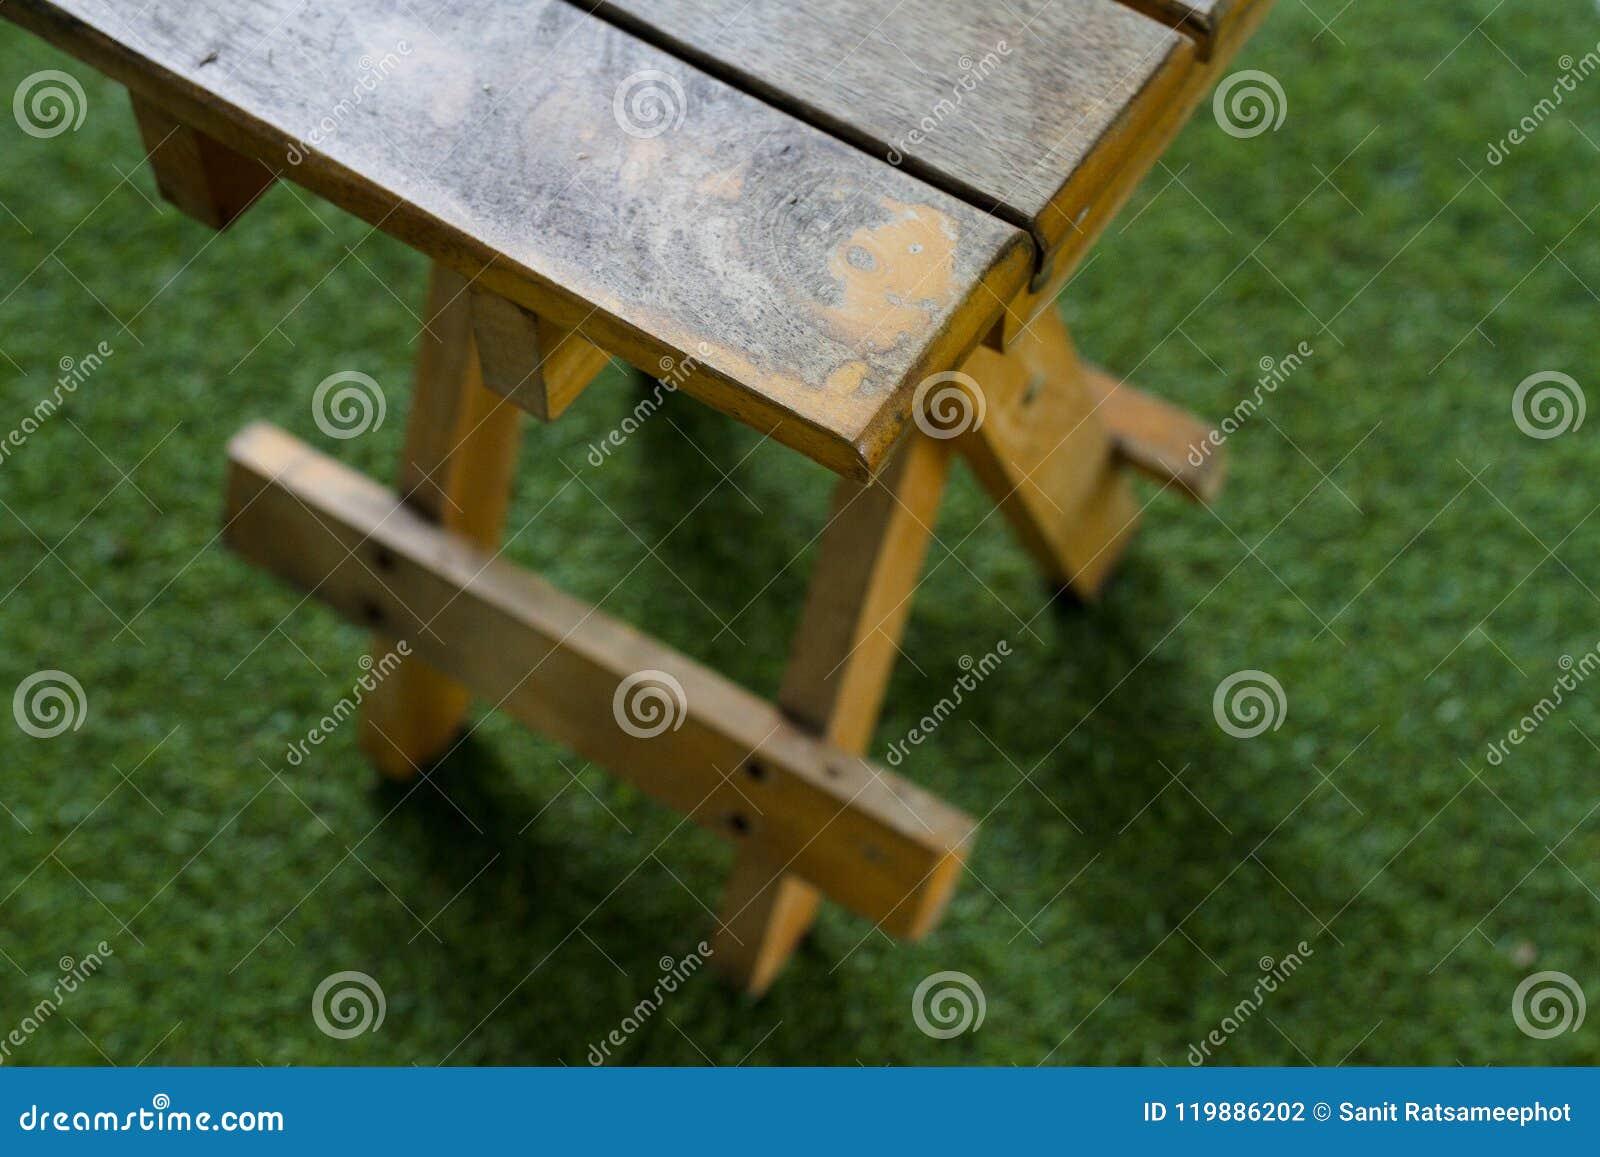 Sedie Pieghevoli Gialle : Sedie pieghevoli gialle anziane fotografia stock immagine di